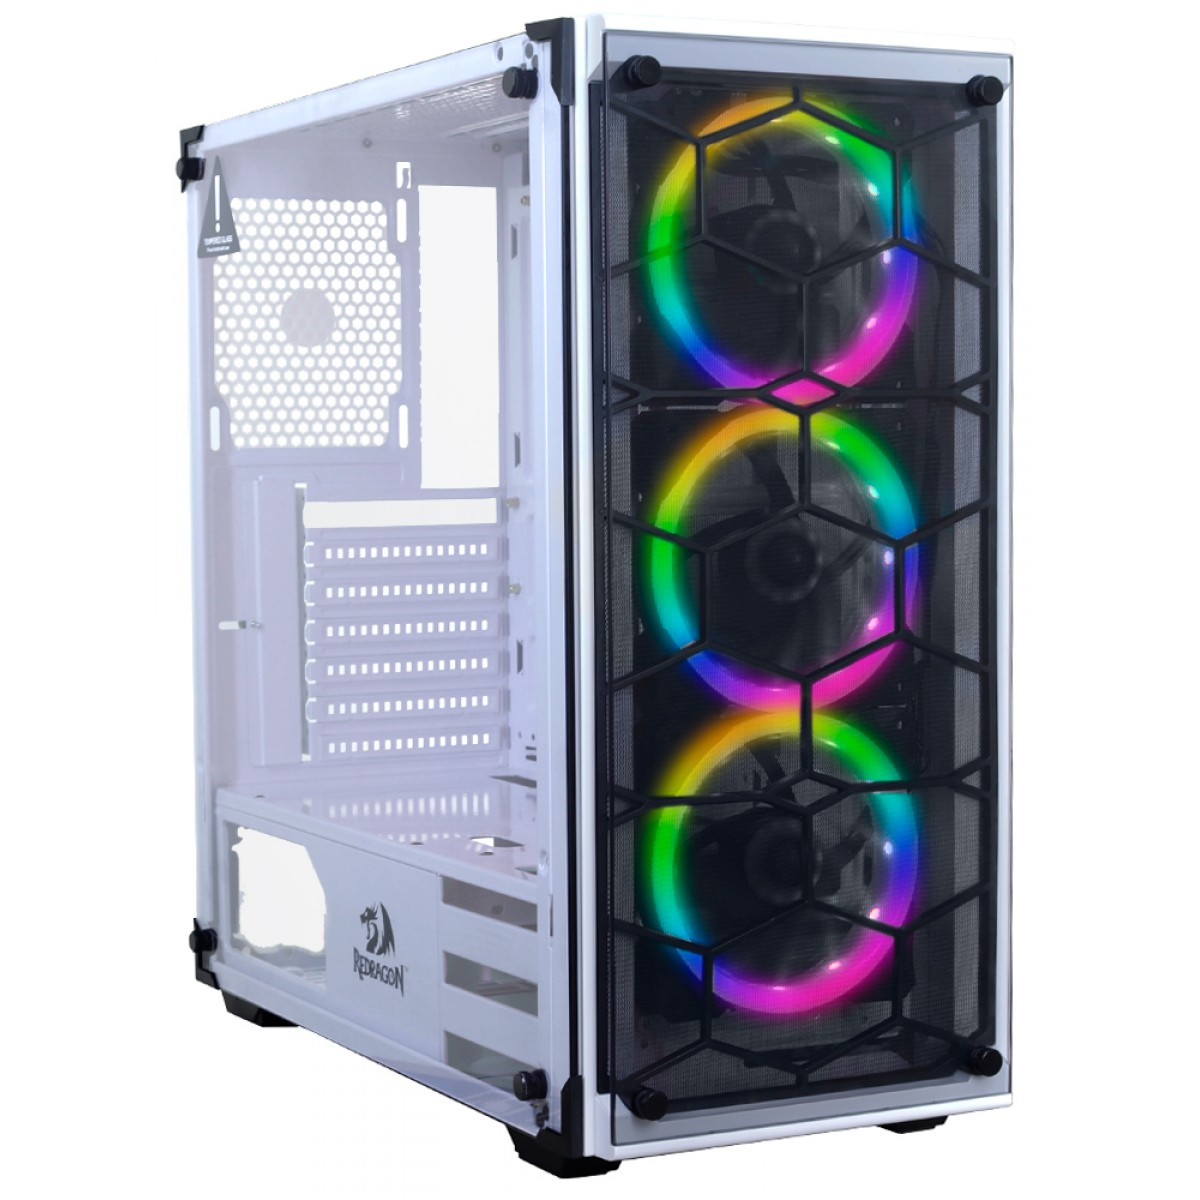 Pc Gamer Blade LVL-10 Intel Core i5 10400F / GeForce RTX 2060 6GB / DDR4 8GB / HD 1TB / 600W